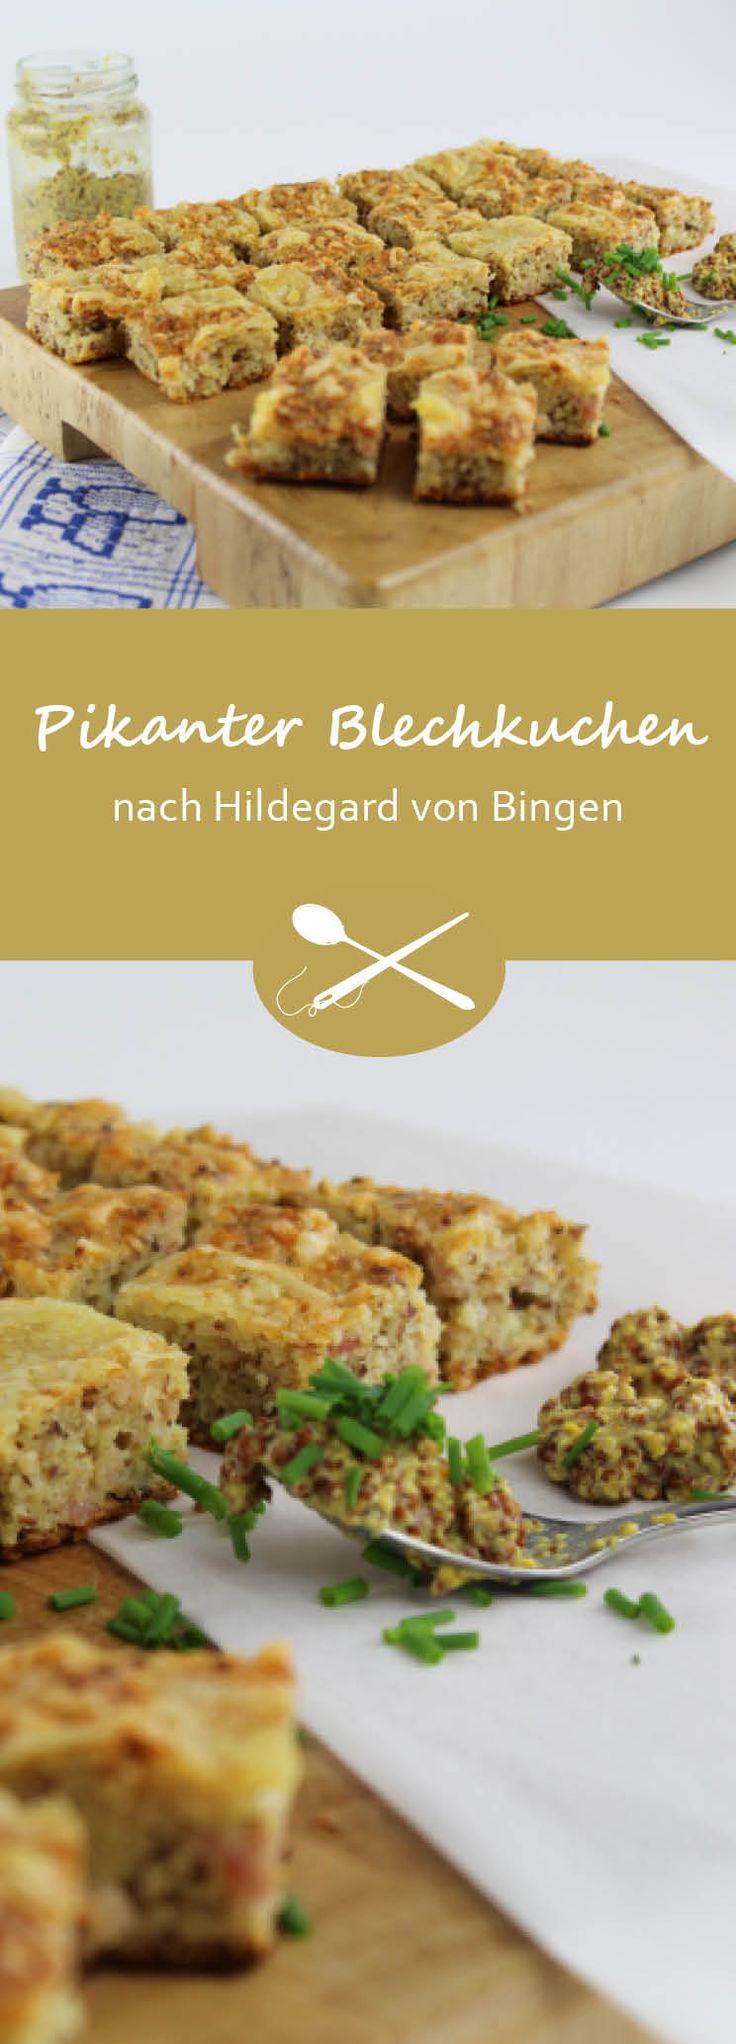 Der Kochtalk auf Radio Maria Schweiz mit Pia Gribi und Laura Jacober: Pikanter Blechkuchen mit ausgewählten Zutaten nach Hildegard von Bingen. Ideal für die schnelle Küche, wenn unerwartet Gäste eintreffen.